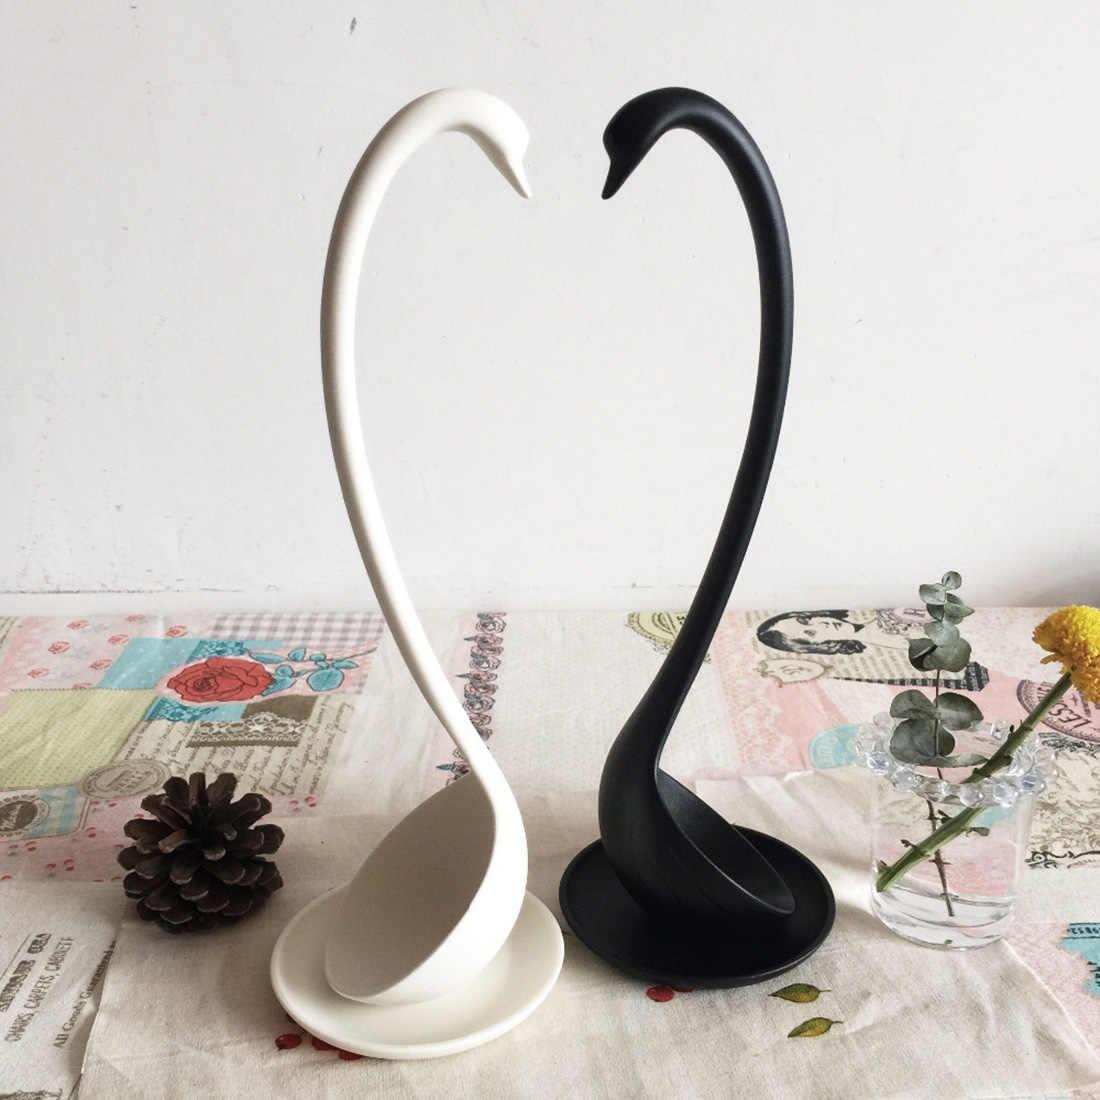 Уникальная и милая кухонная утварь креативная суповая ложка с лотком с длинной ручкой подставка стабильная